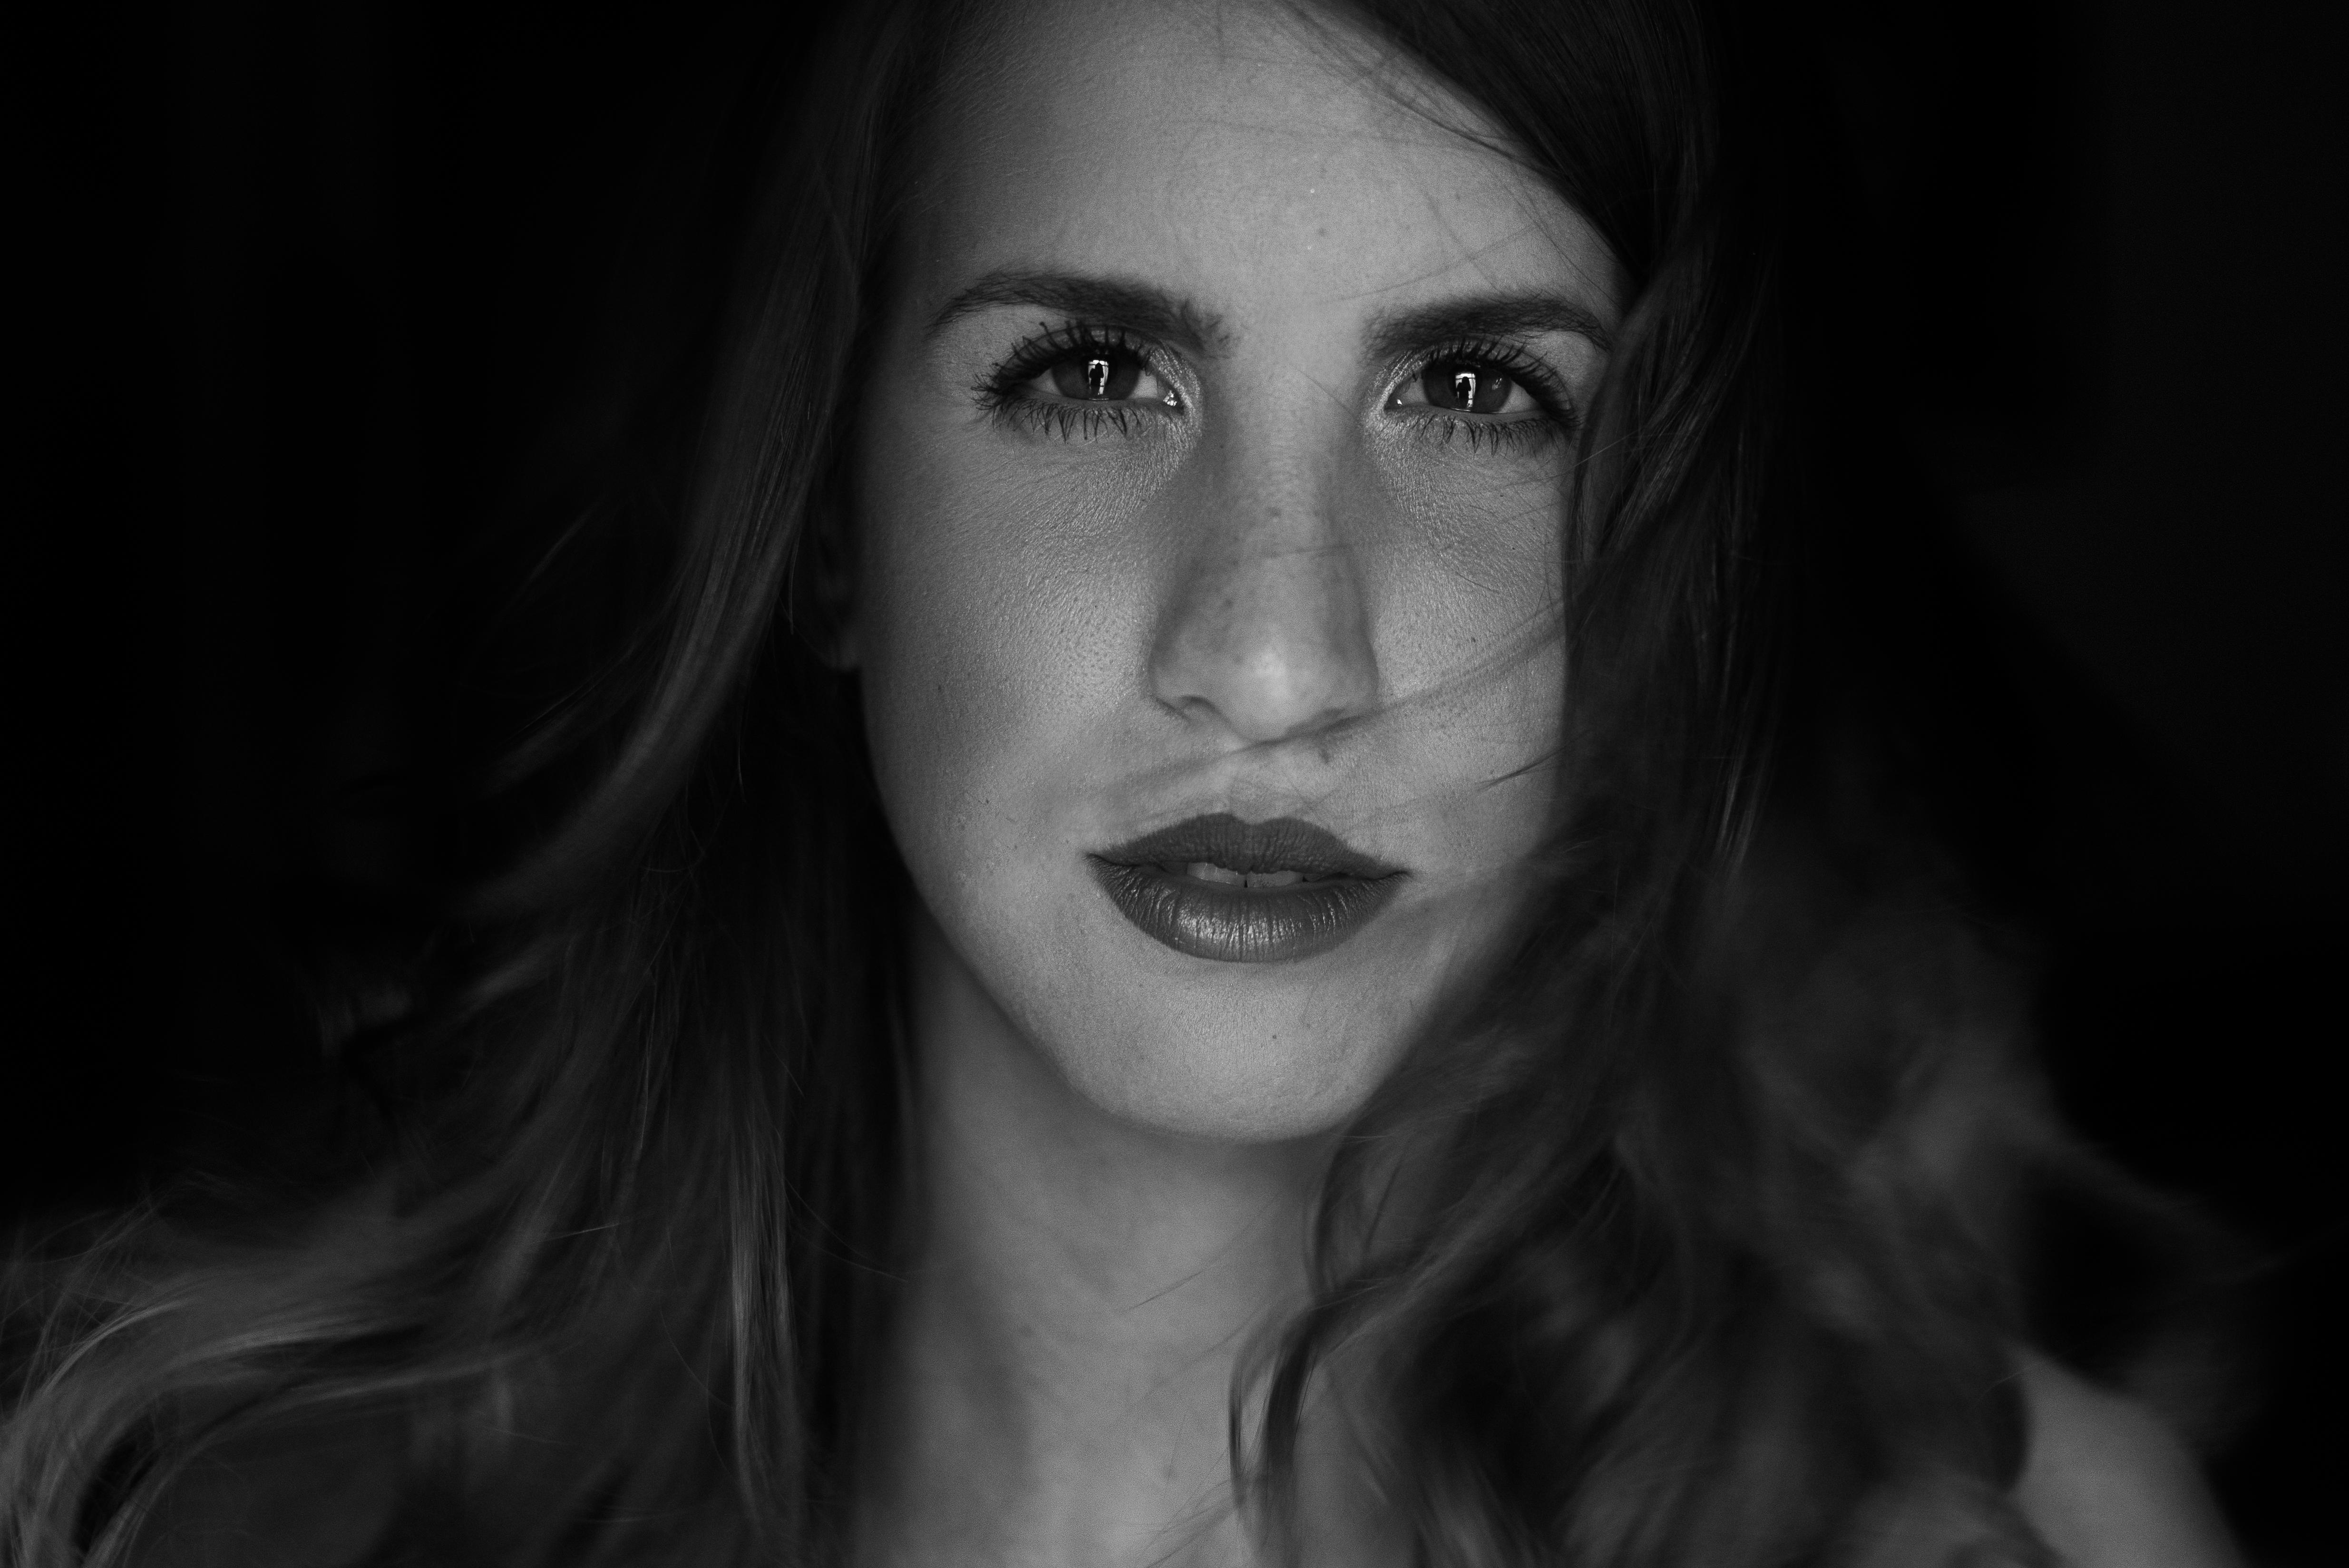 ritratto-femminile-primo-piano-bianco-e-nero